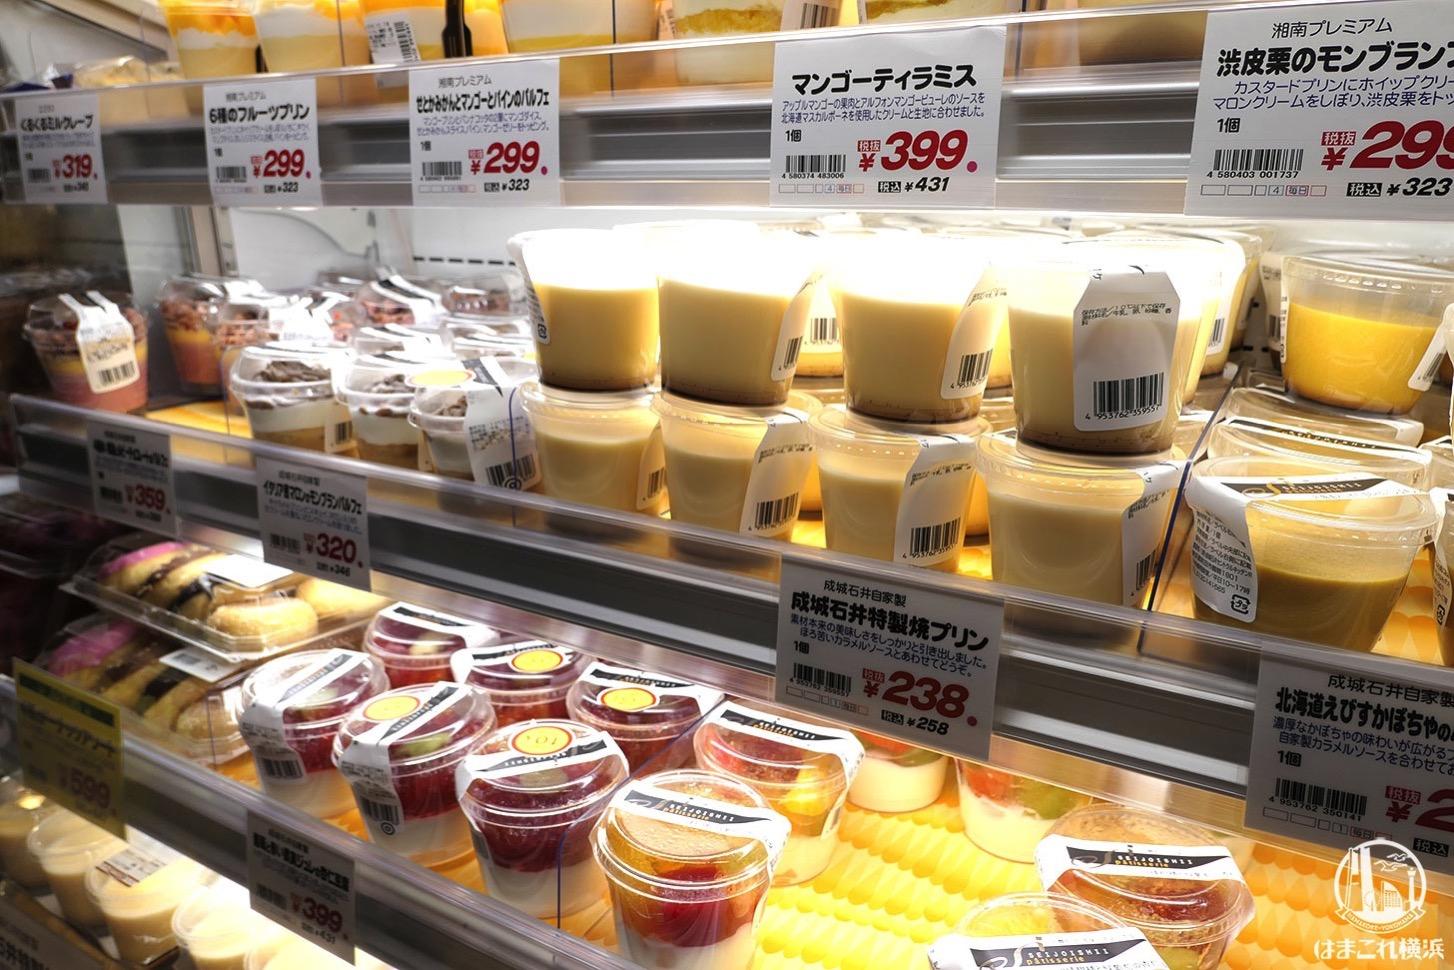 ギャザリングマーケット「成城石井」プリン